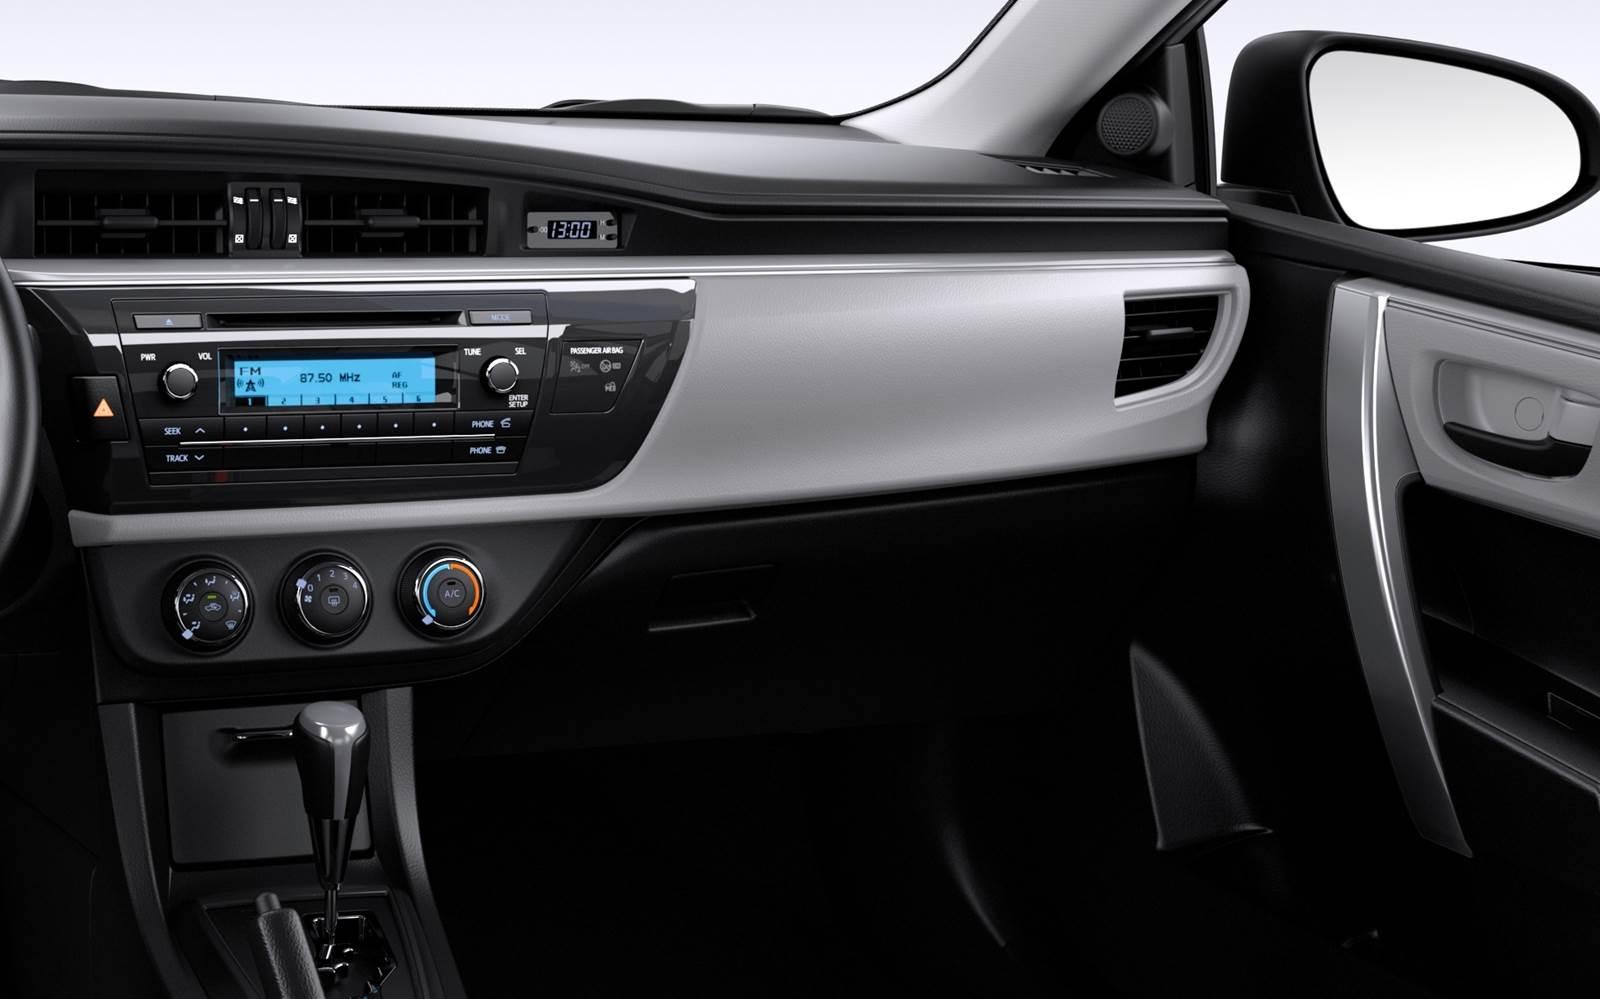 Novo Toyota Corolla GLi 2016 Upper - interior - painel